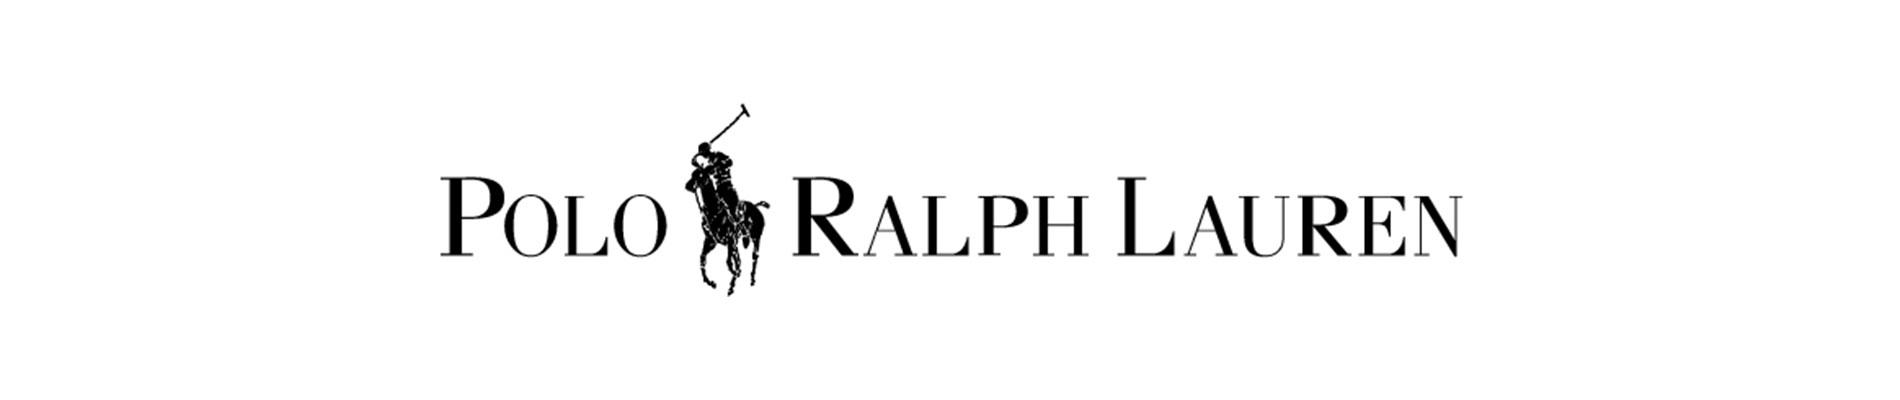 Polo Ralph Laurren designer frame logo